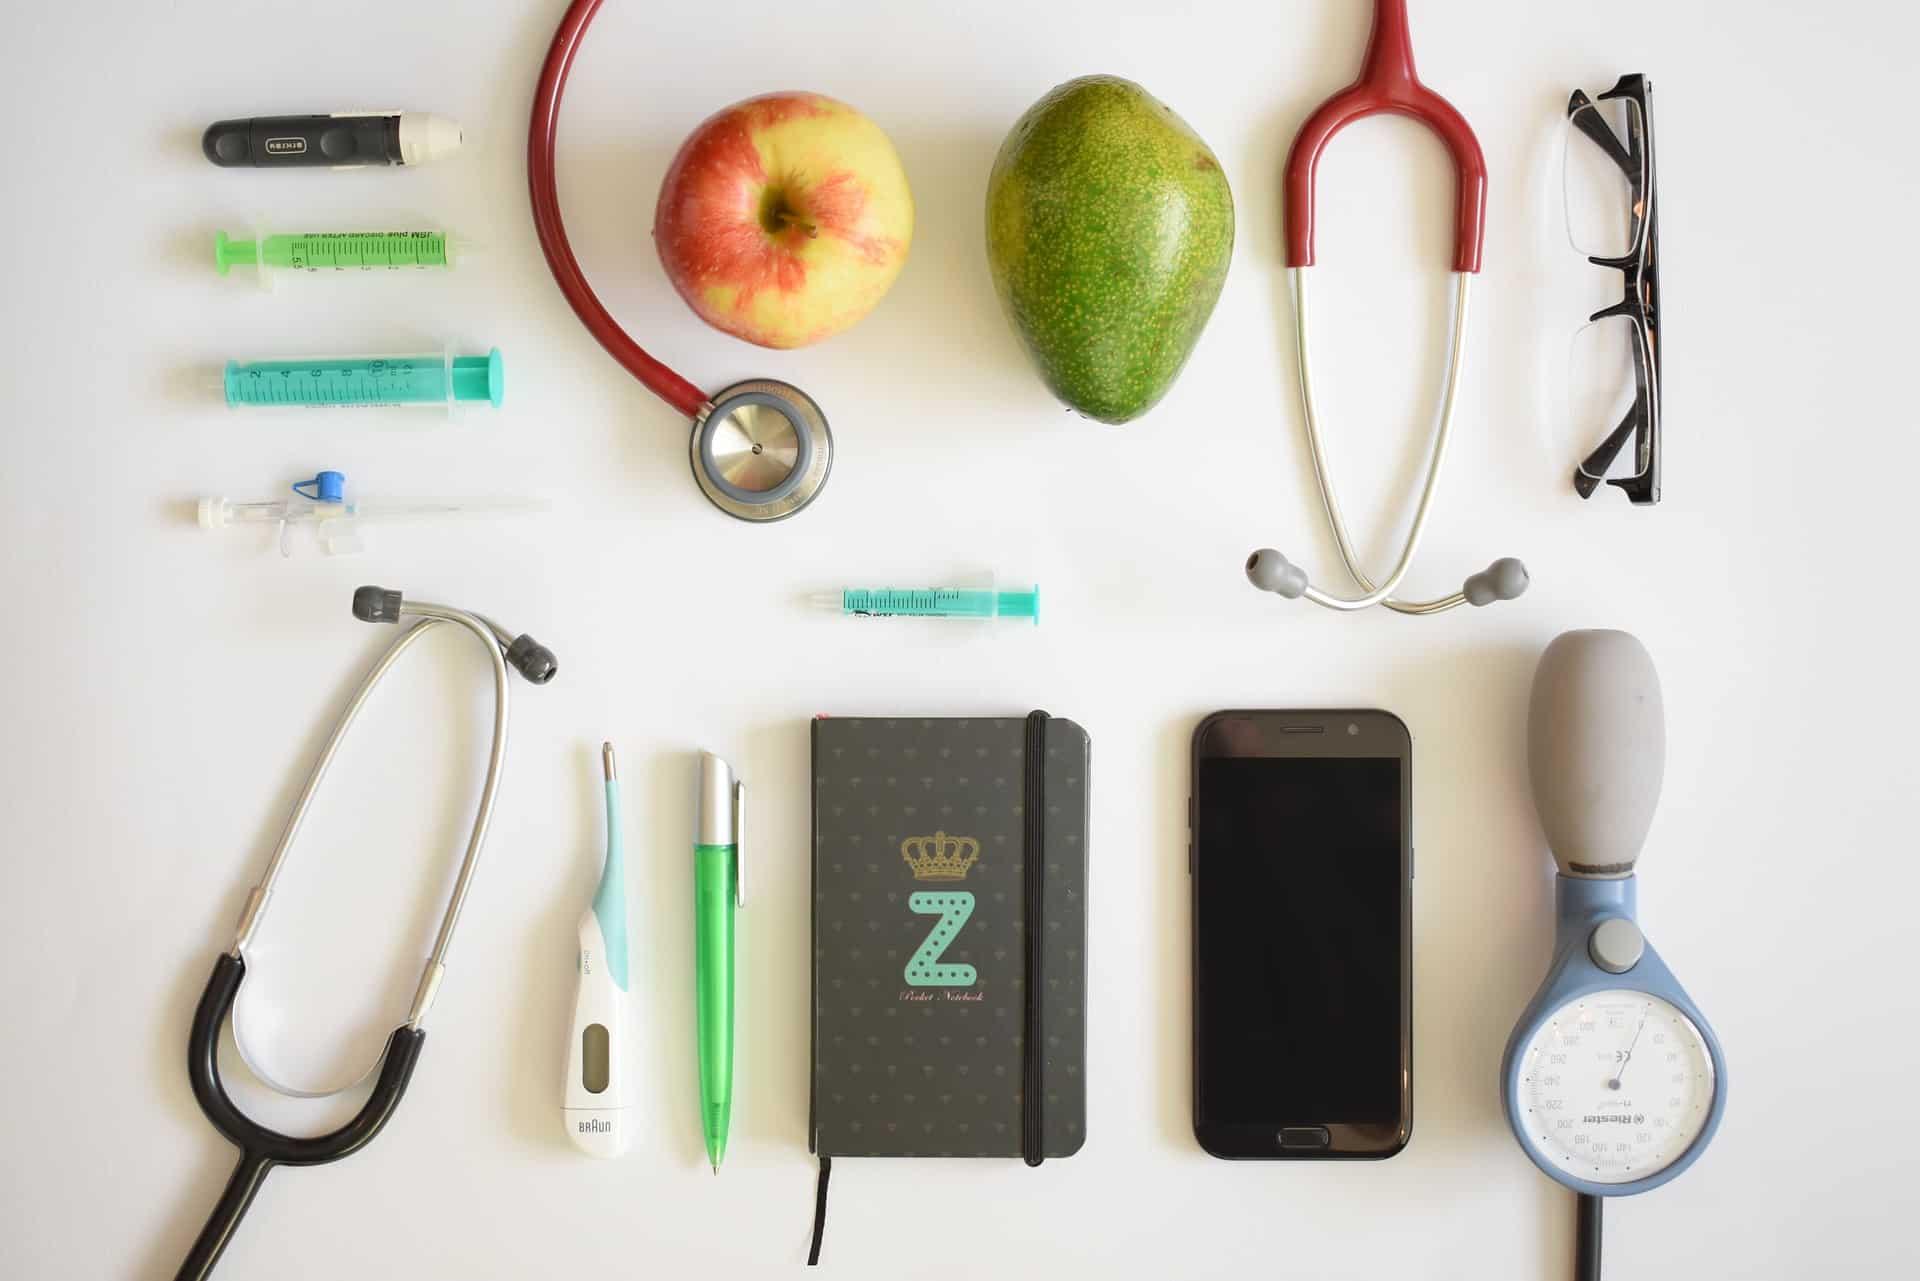 hogyan támogassa a testet magas vérnyomásban a magas vérnyomás tesztjei